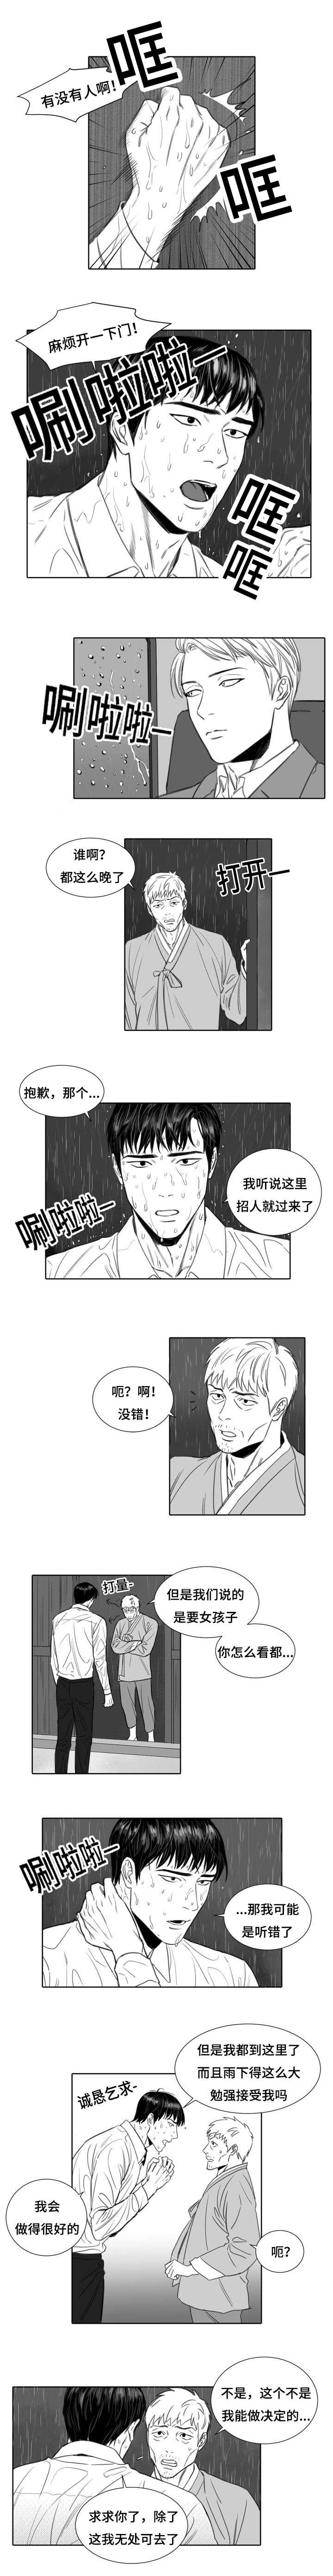 《阴阳主仆》完整版漫画(全文在线阅读)